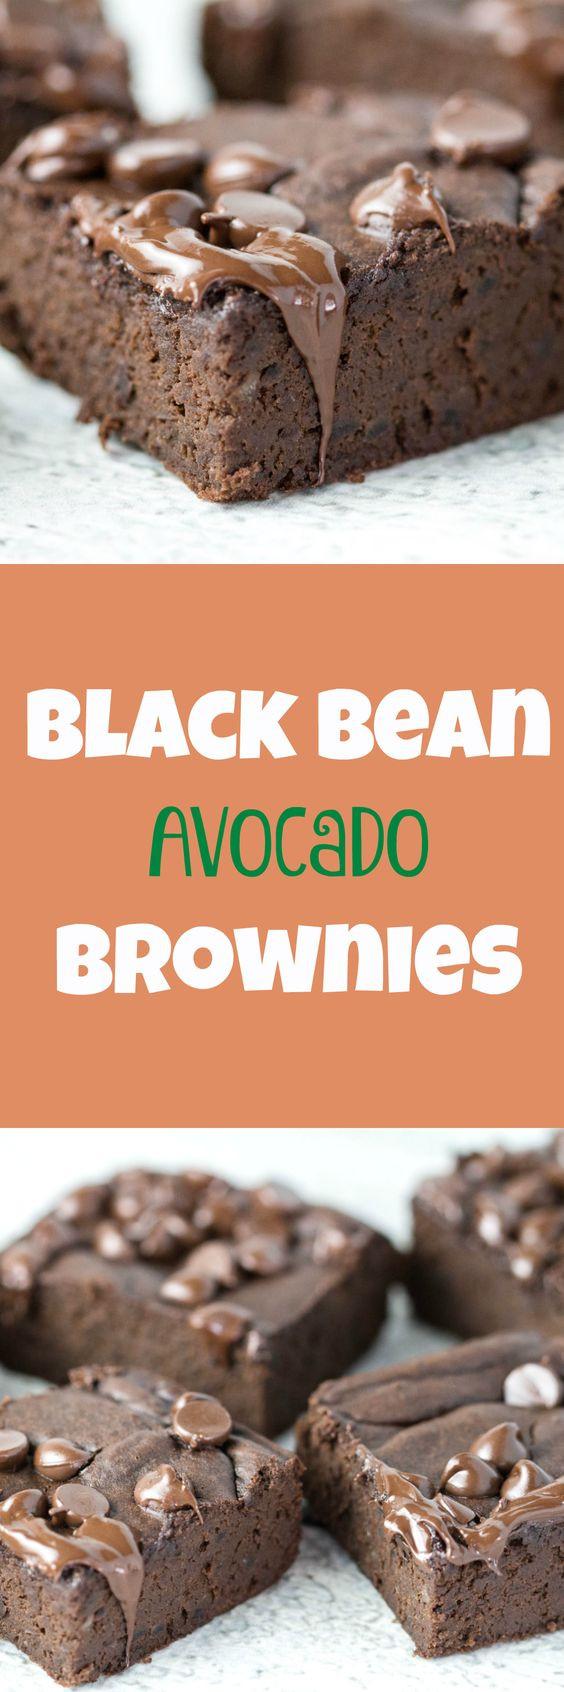 Black Bean Avocado Brownies  Black Bean Avocado brownies